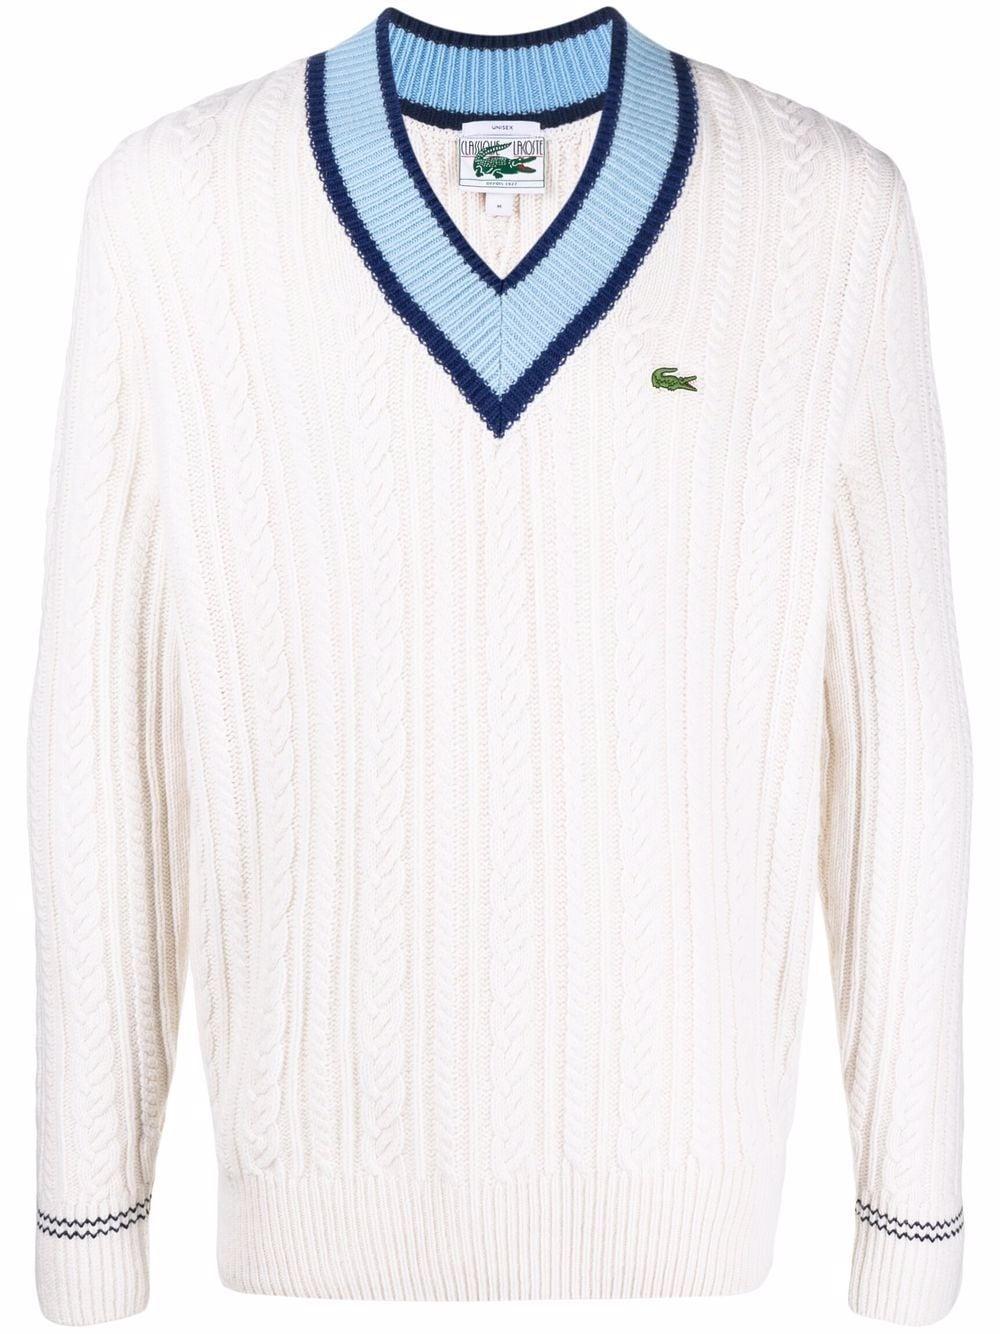 maglione scollo a v unisex bianco in lana LACOSTE   Maglieria   AH8021S4W